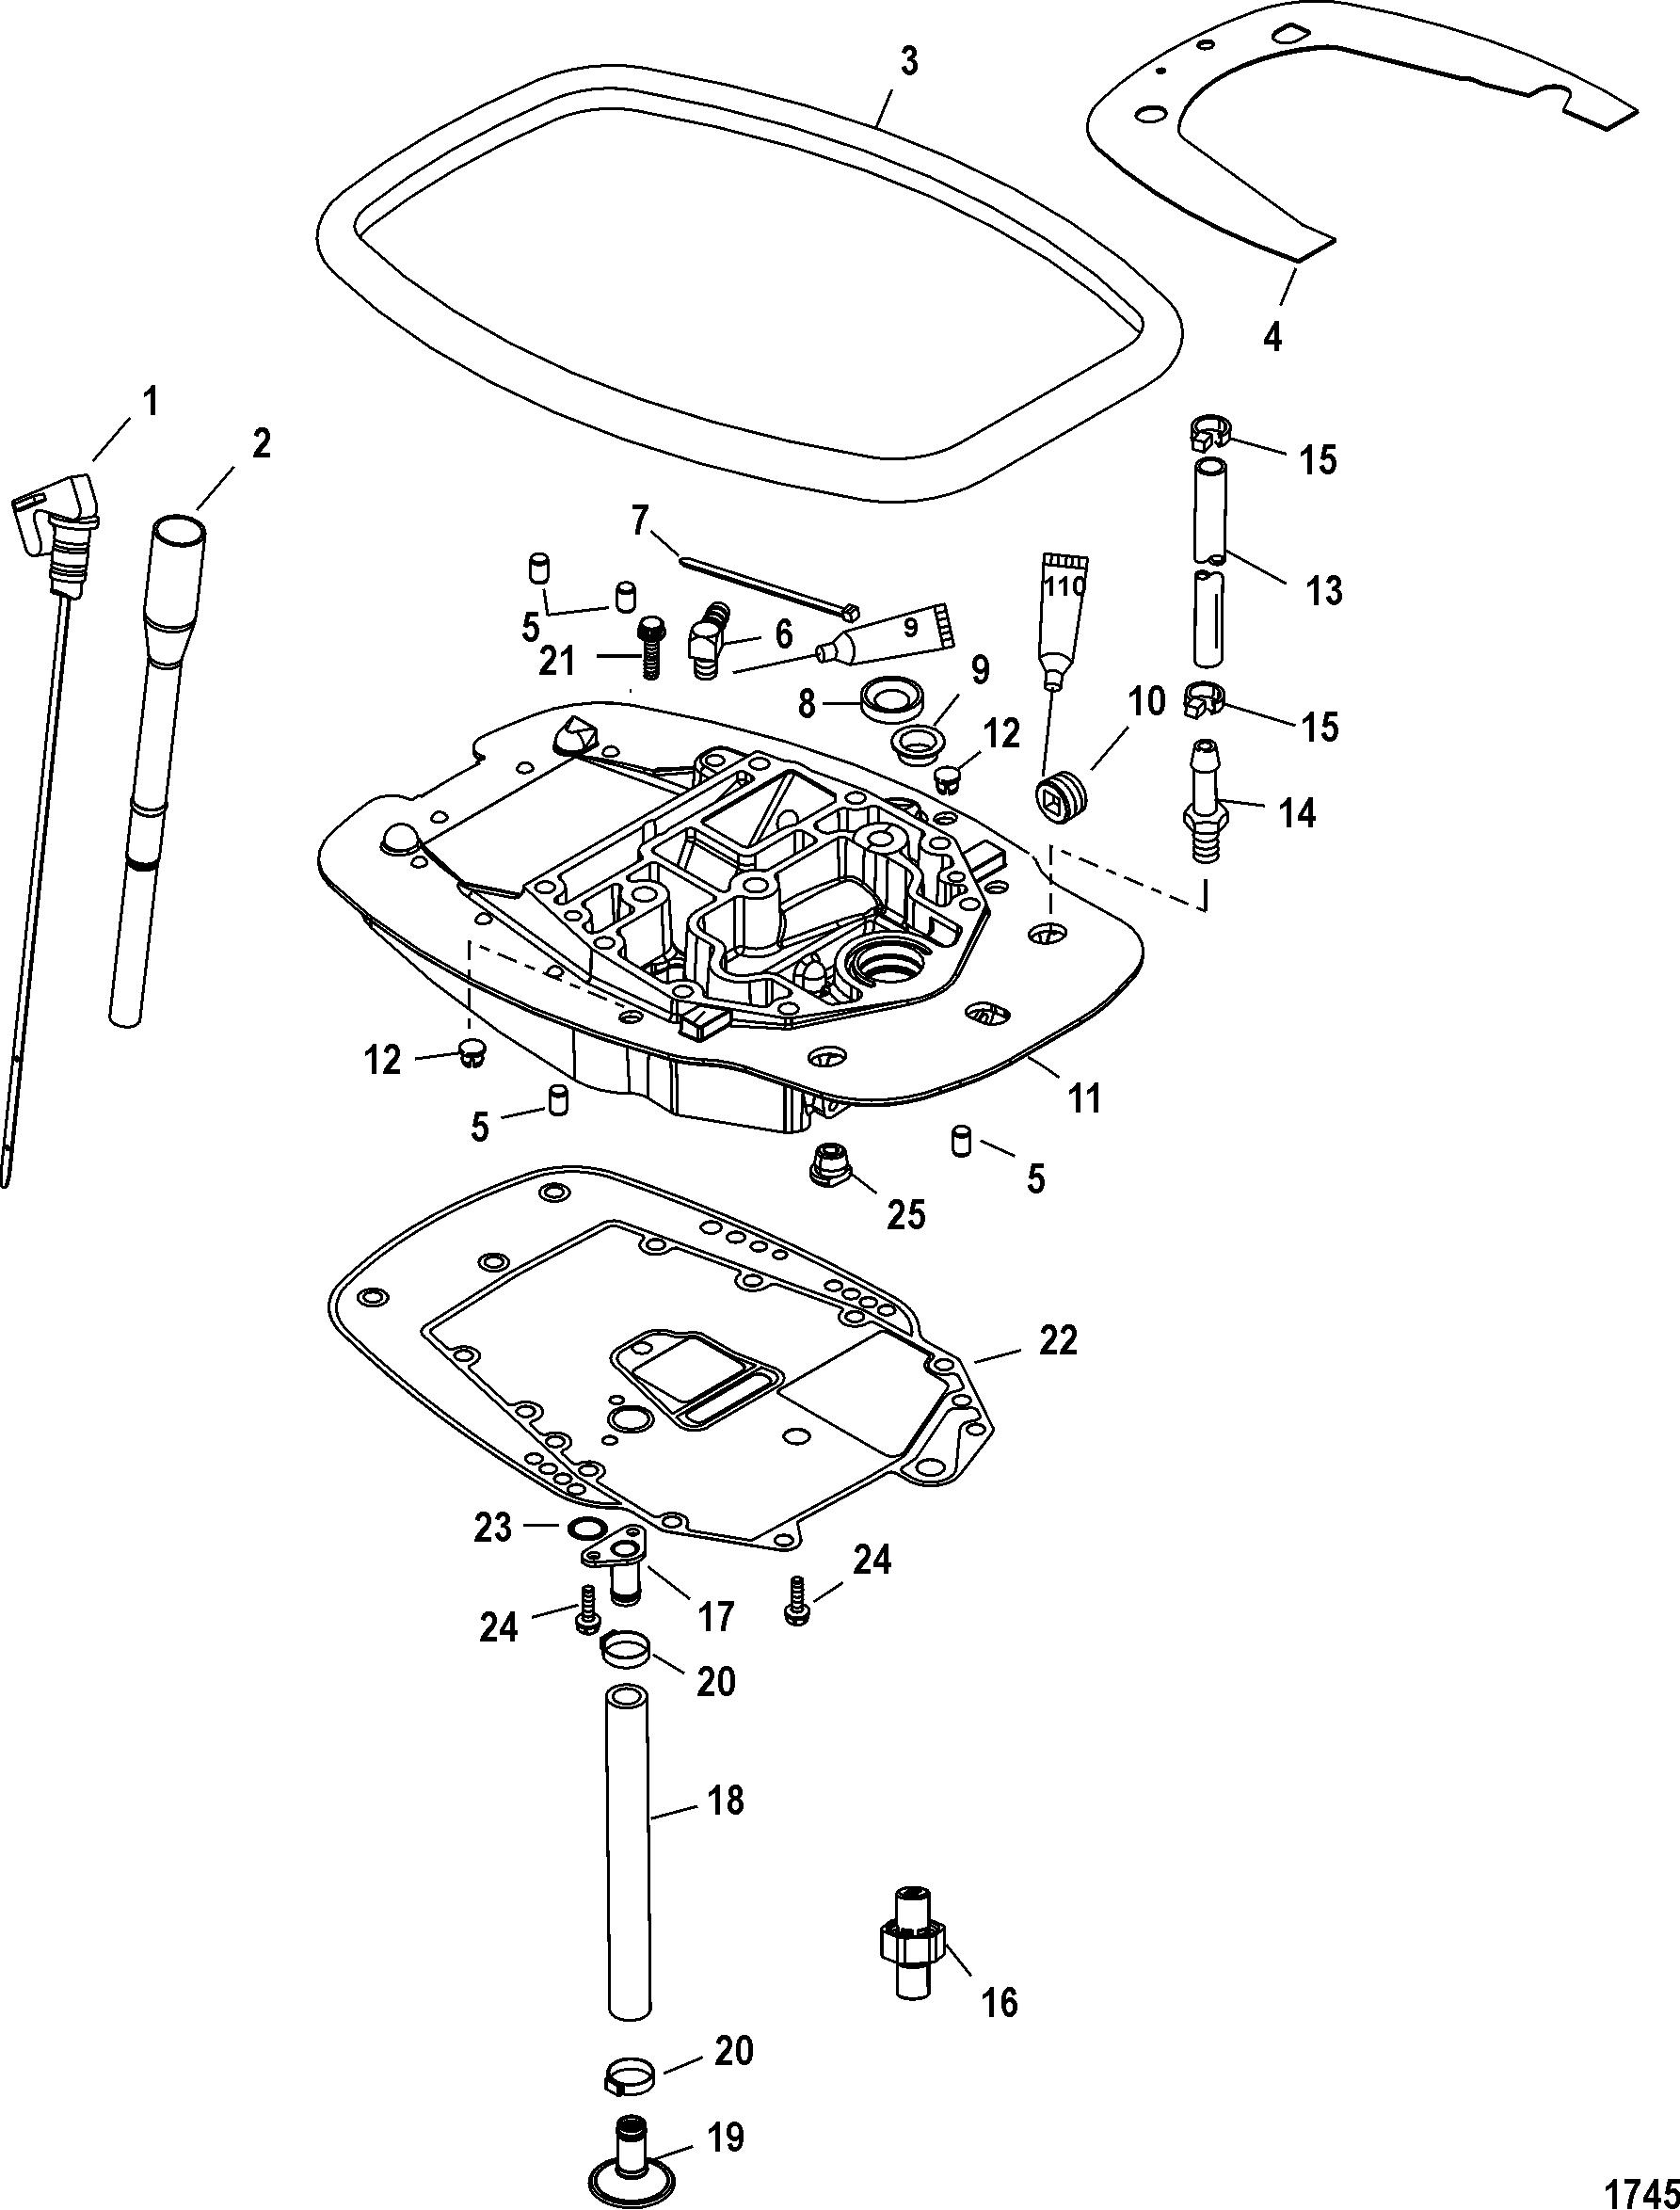 Adaptor Plate For Mariner Mercury 40 50 60 Efi 4